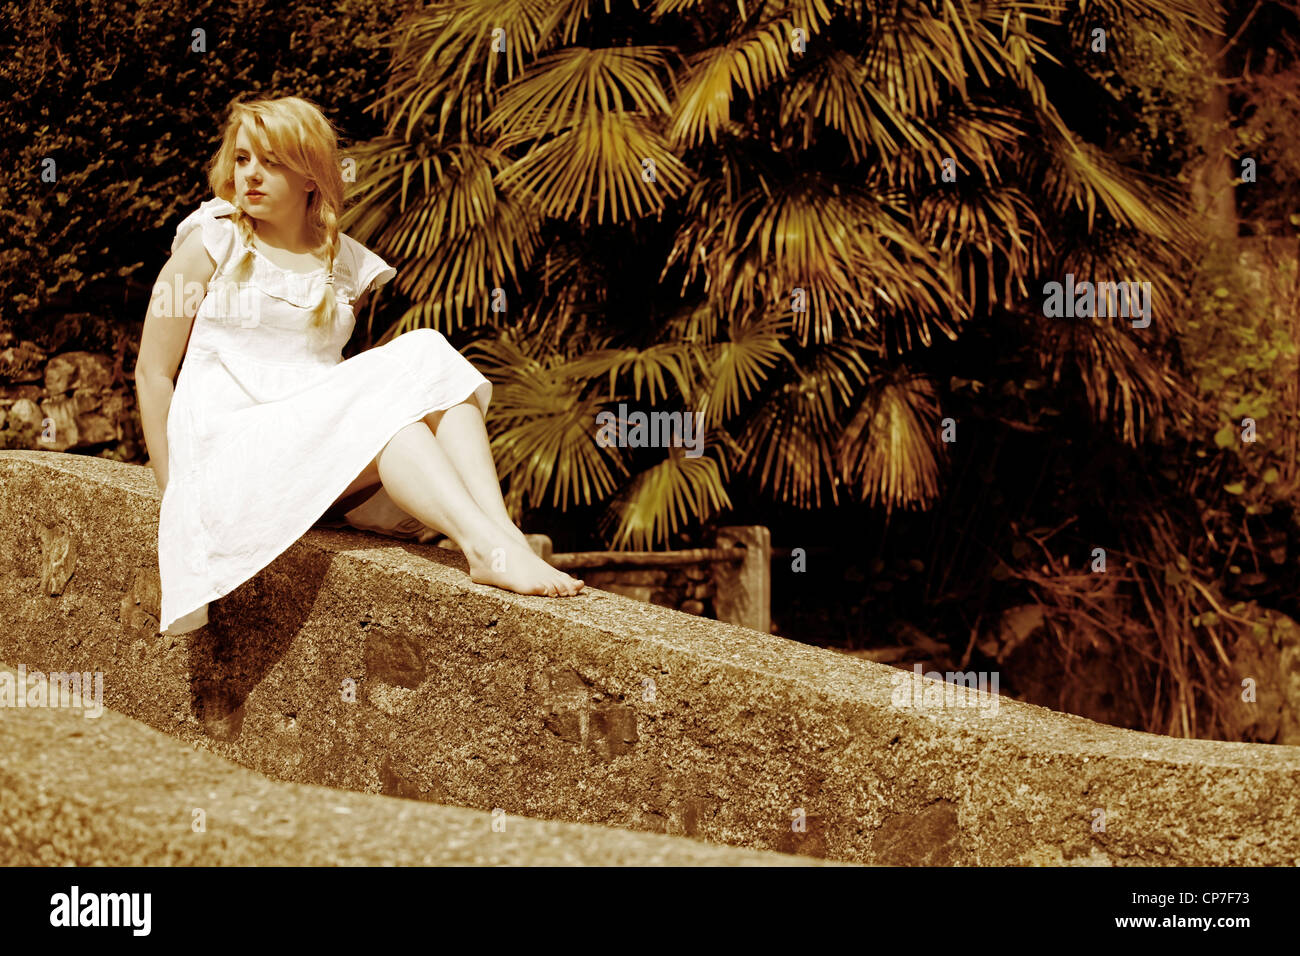 Jeune femme avec des tresses, assis sur un mur dans une robe blanche Photo Stock